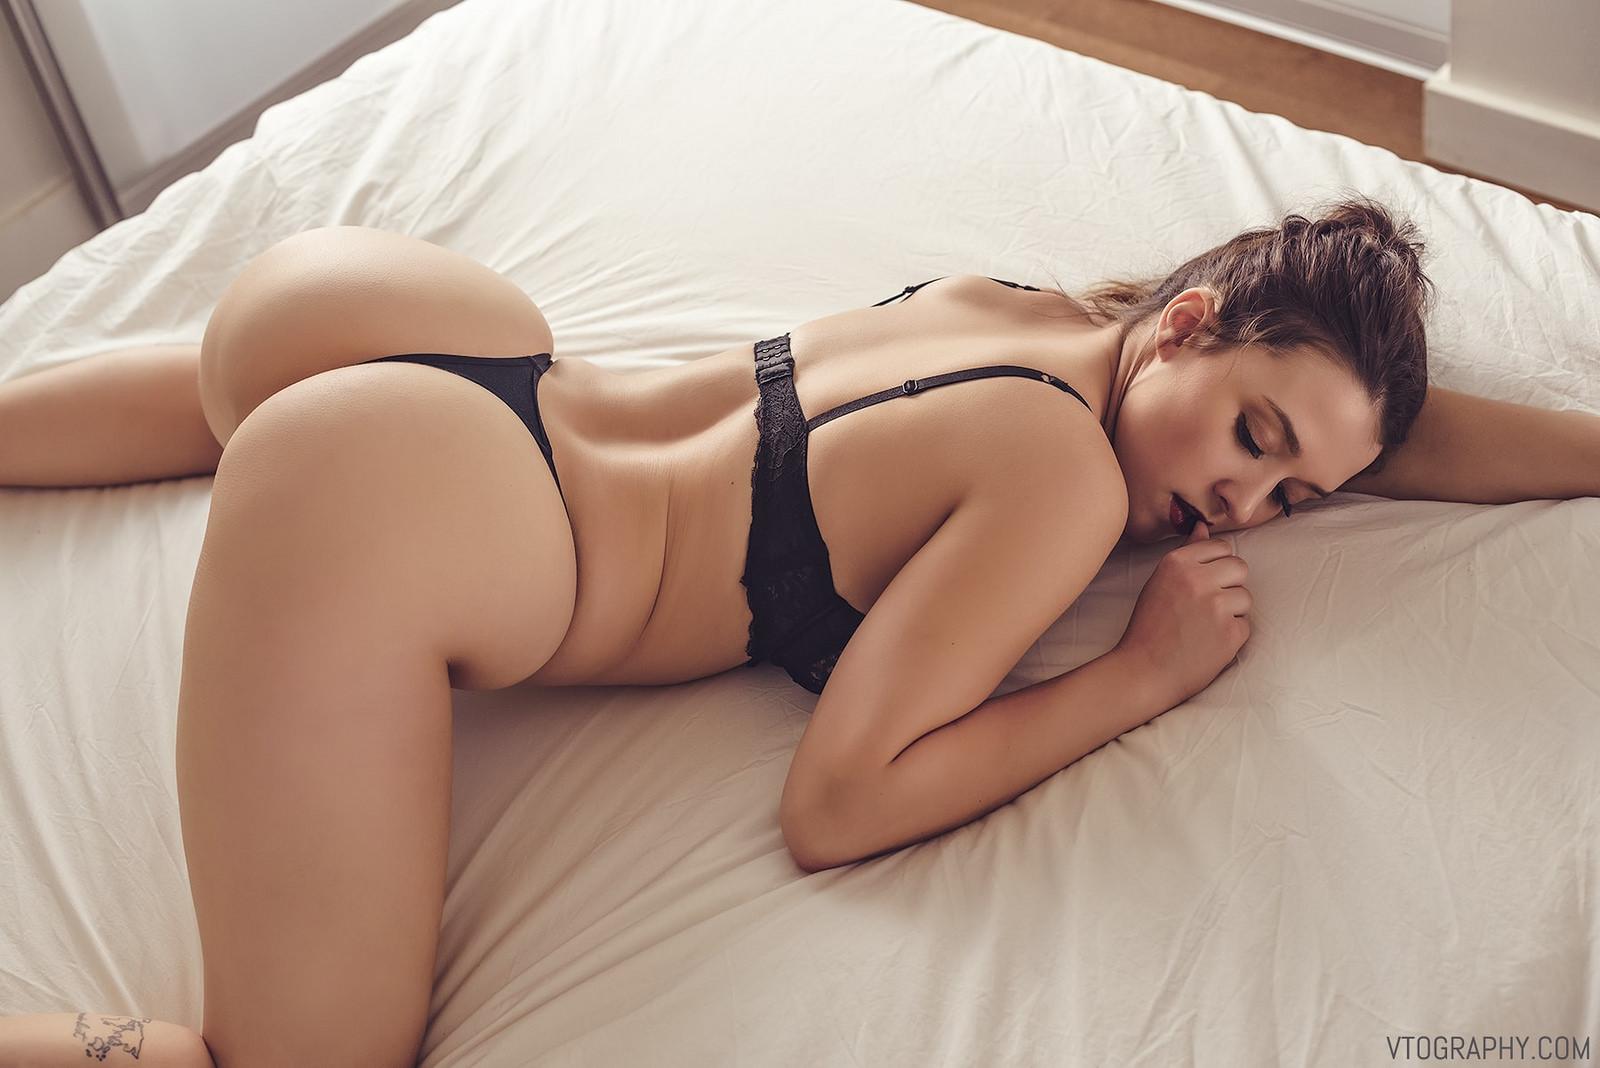 Фото красивых анусы, Частное фото ануса и влагалища женщин - частное порно 15 фотография